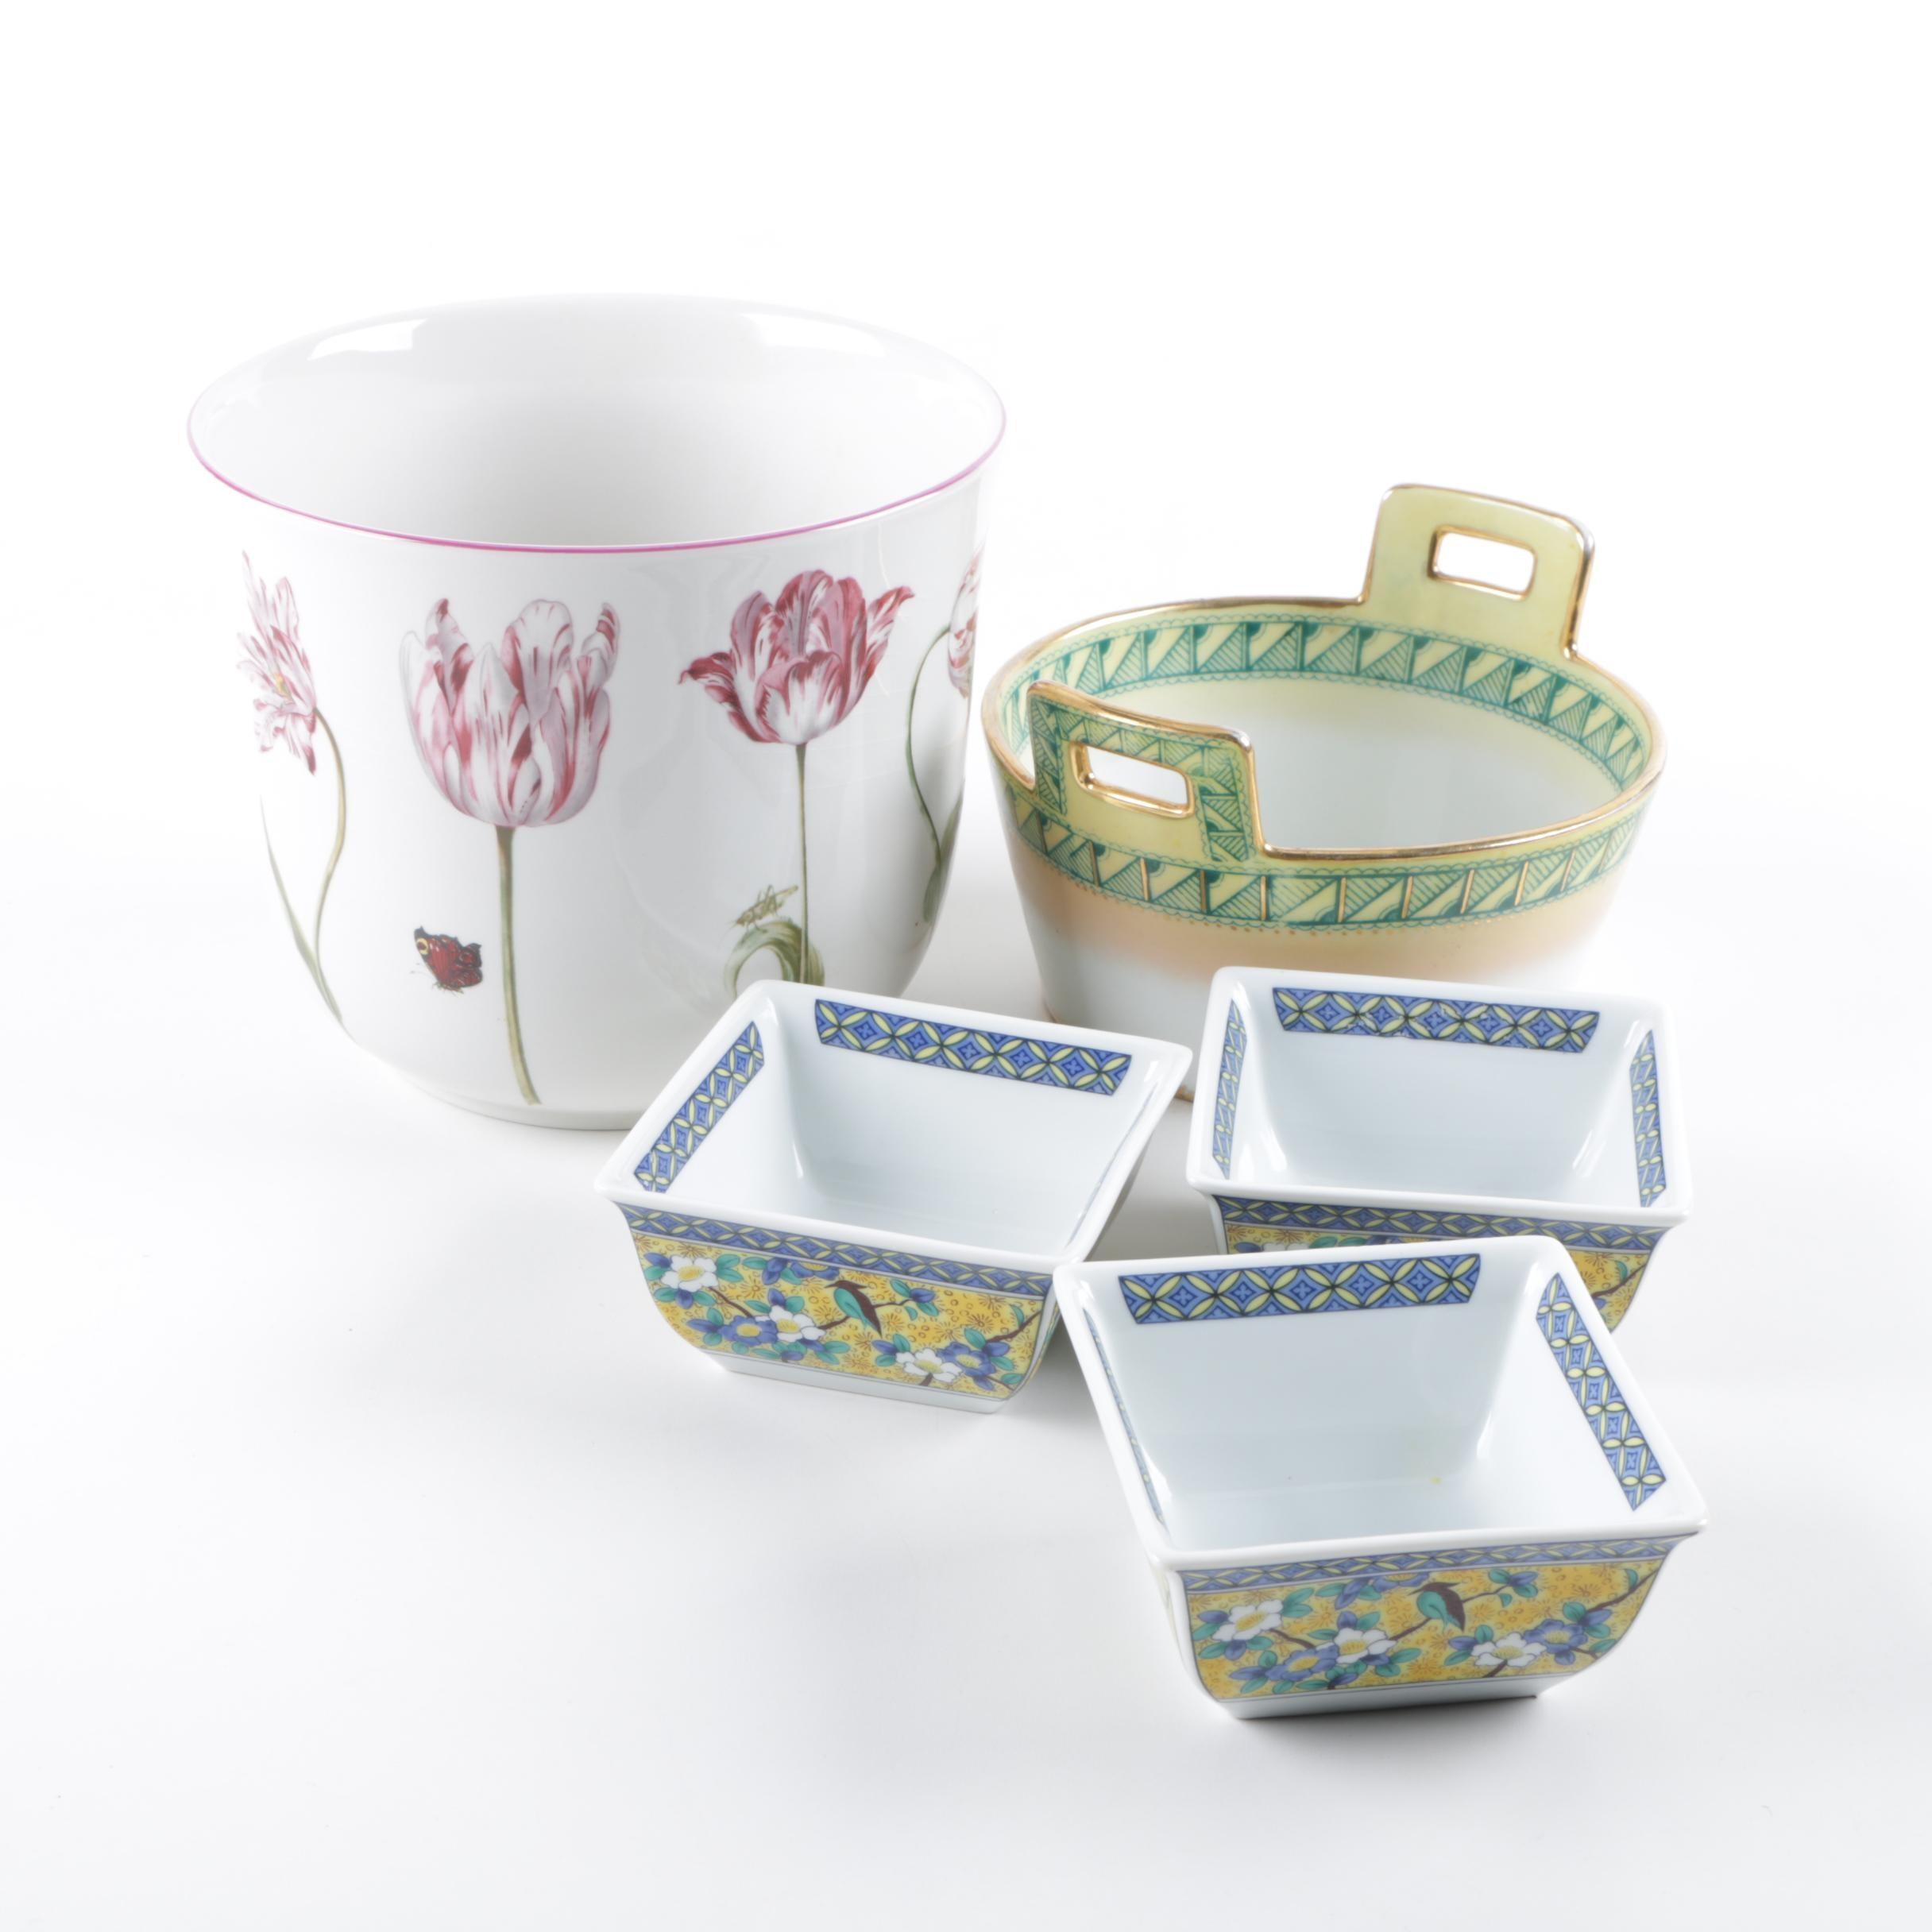 Ceramic Planter and Decorative Tableware Assortment